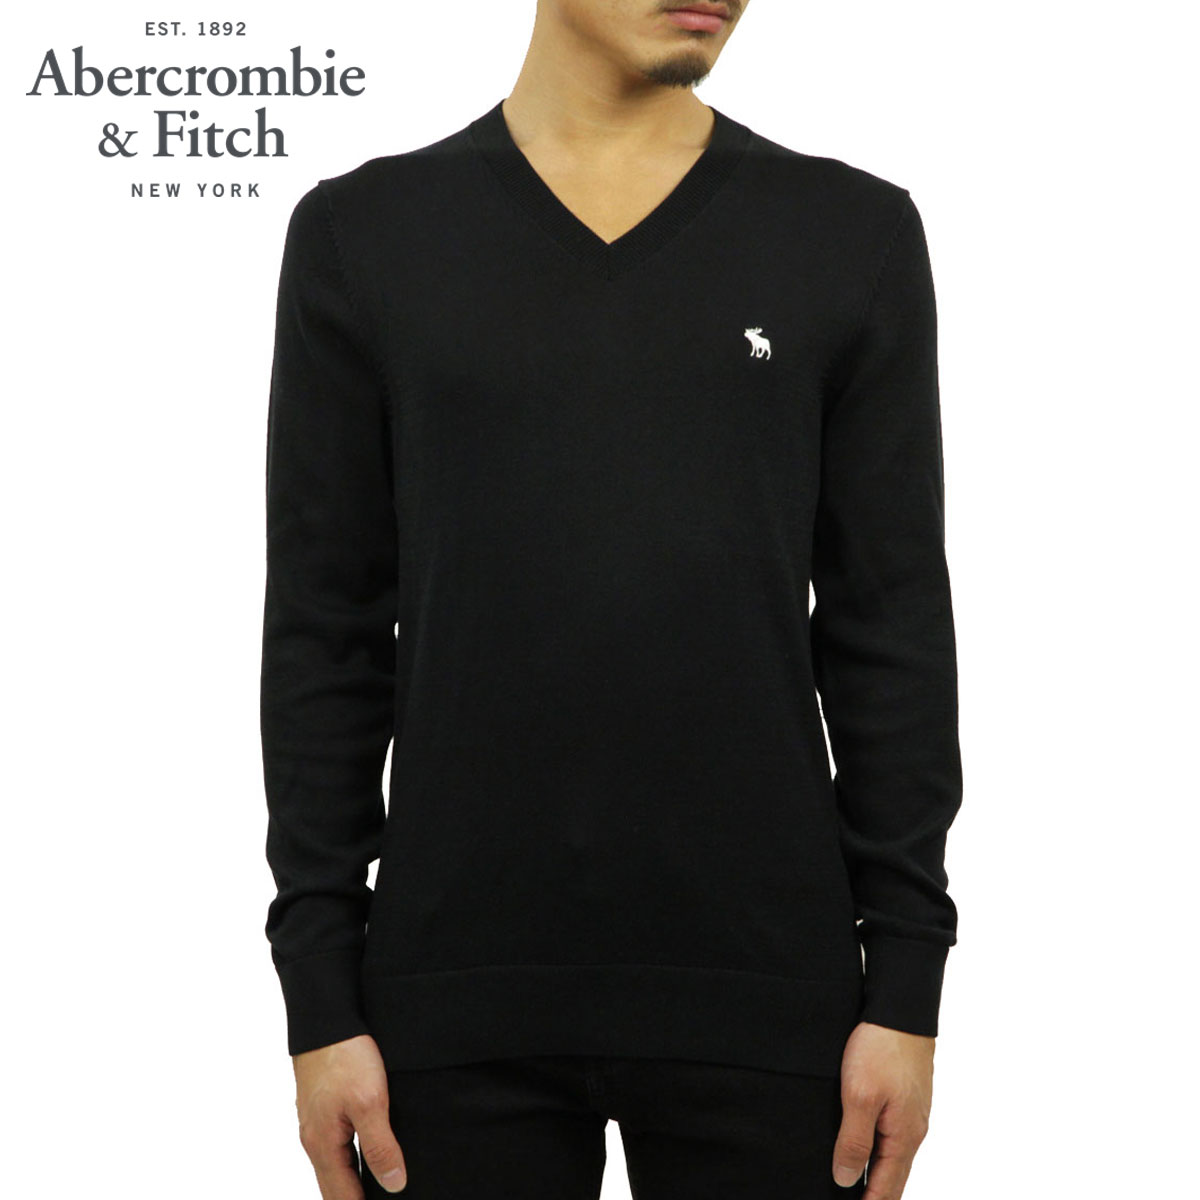 【ポイント10倍 1/1 00:00~1/5 23:59まで】 アバクロ セーター メンズ 正規品 Abercrombie&Fitch Vネックセーター ワンポイントロゴ THE A&F ICON V-NECK SWEATER 120-201-1574-900